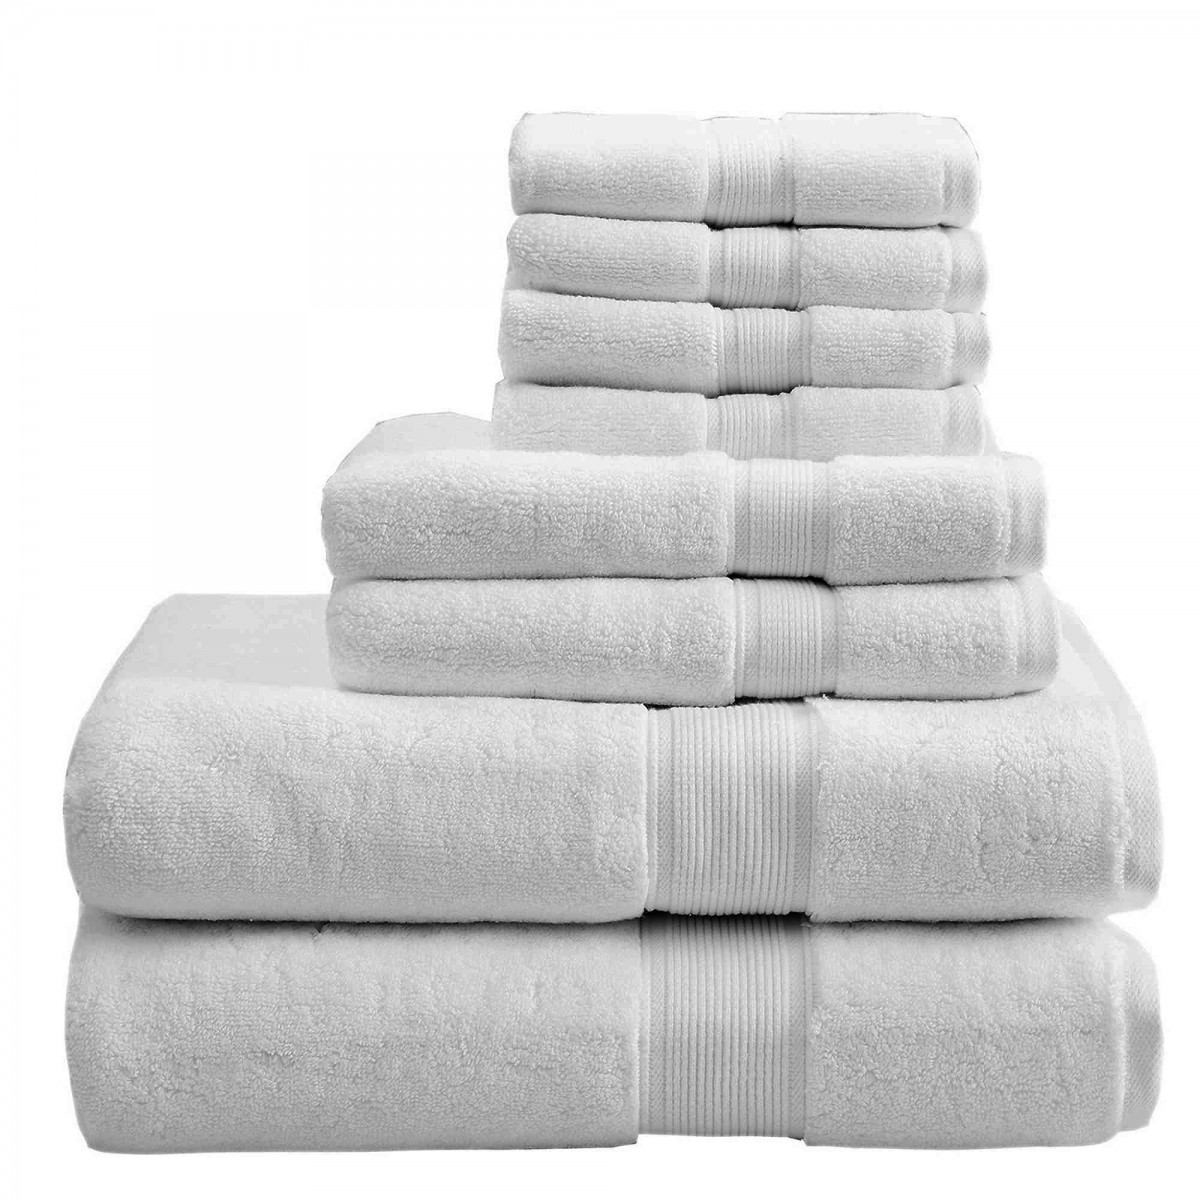 drap de bain h tel serviette de bain pas cher serviette de toilette. Black Bedroom Furniture Sets. Home Design Ideas